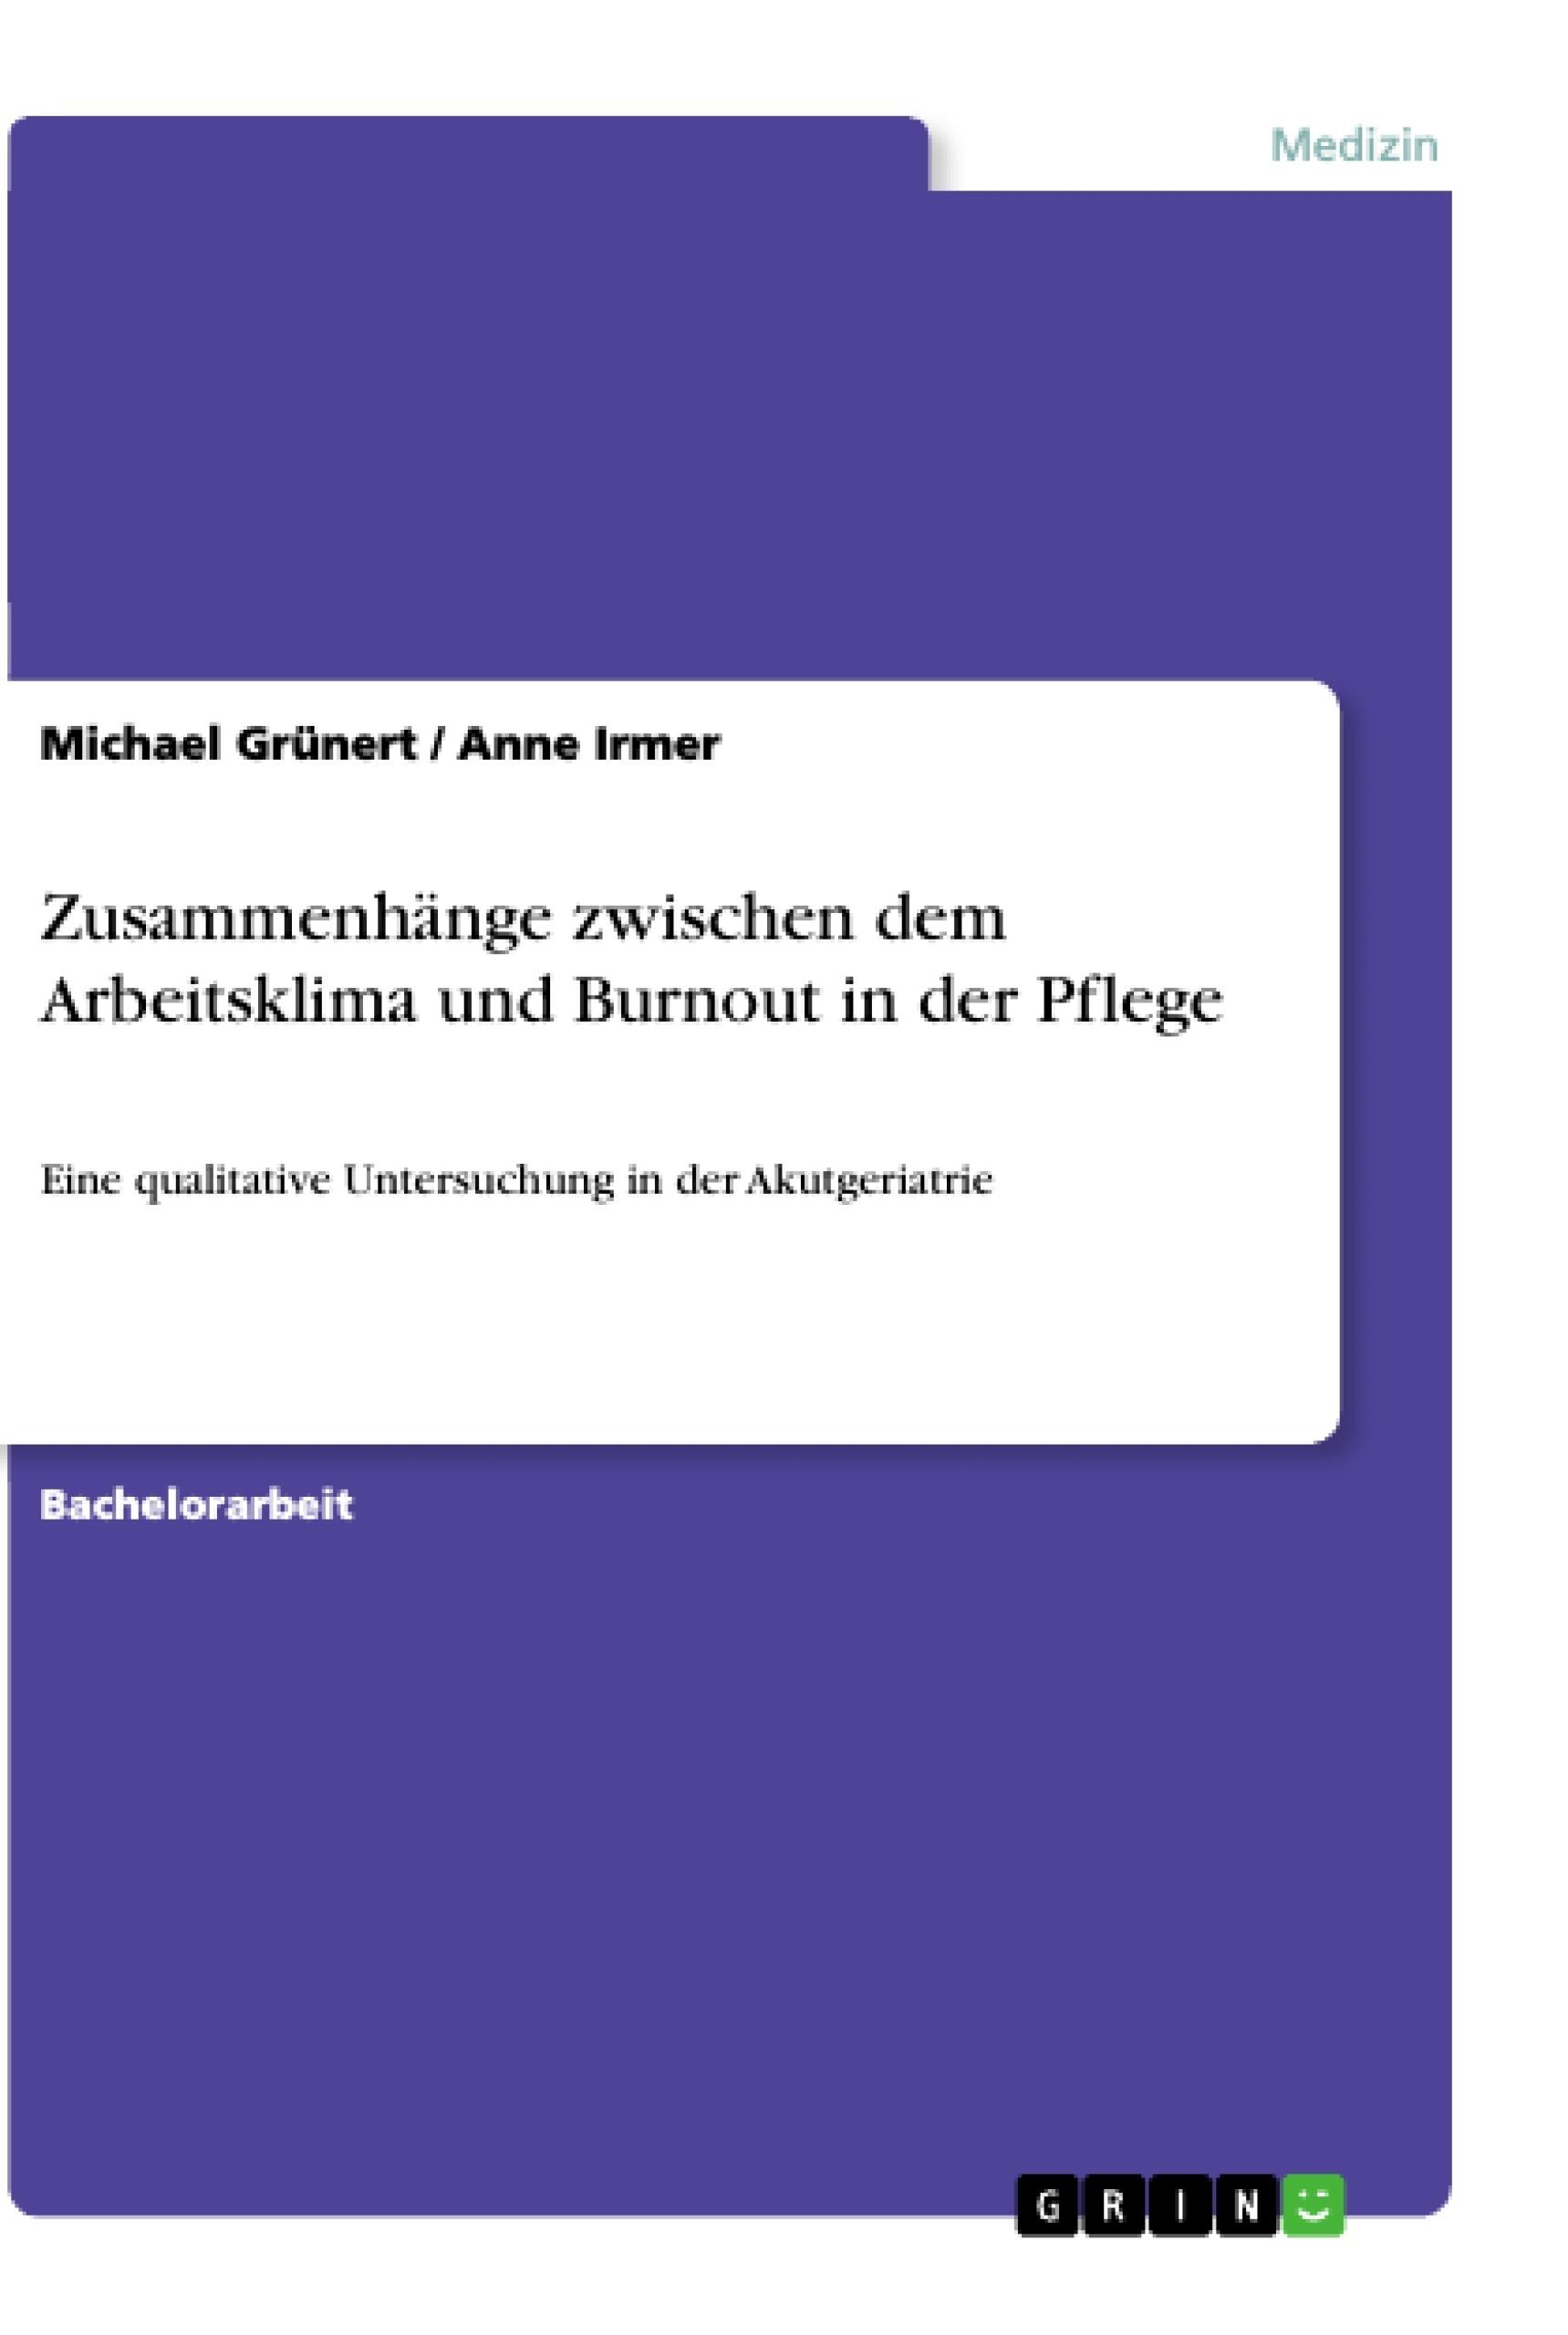 Titel: Zusammenhänge zwischen dem Arbeitsklima und Burnout  in der Pflege